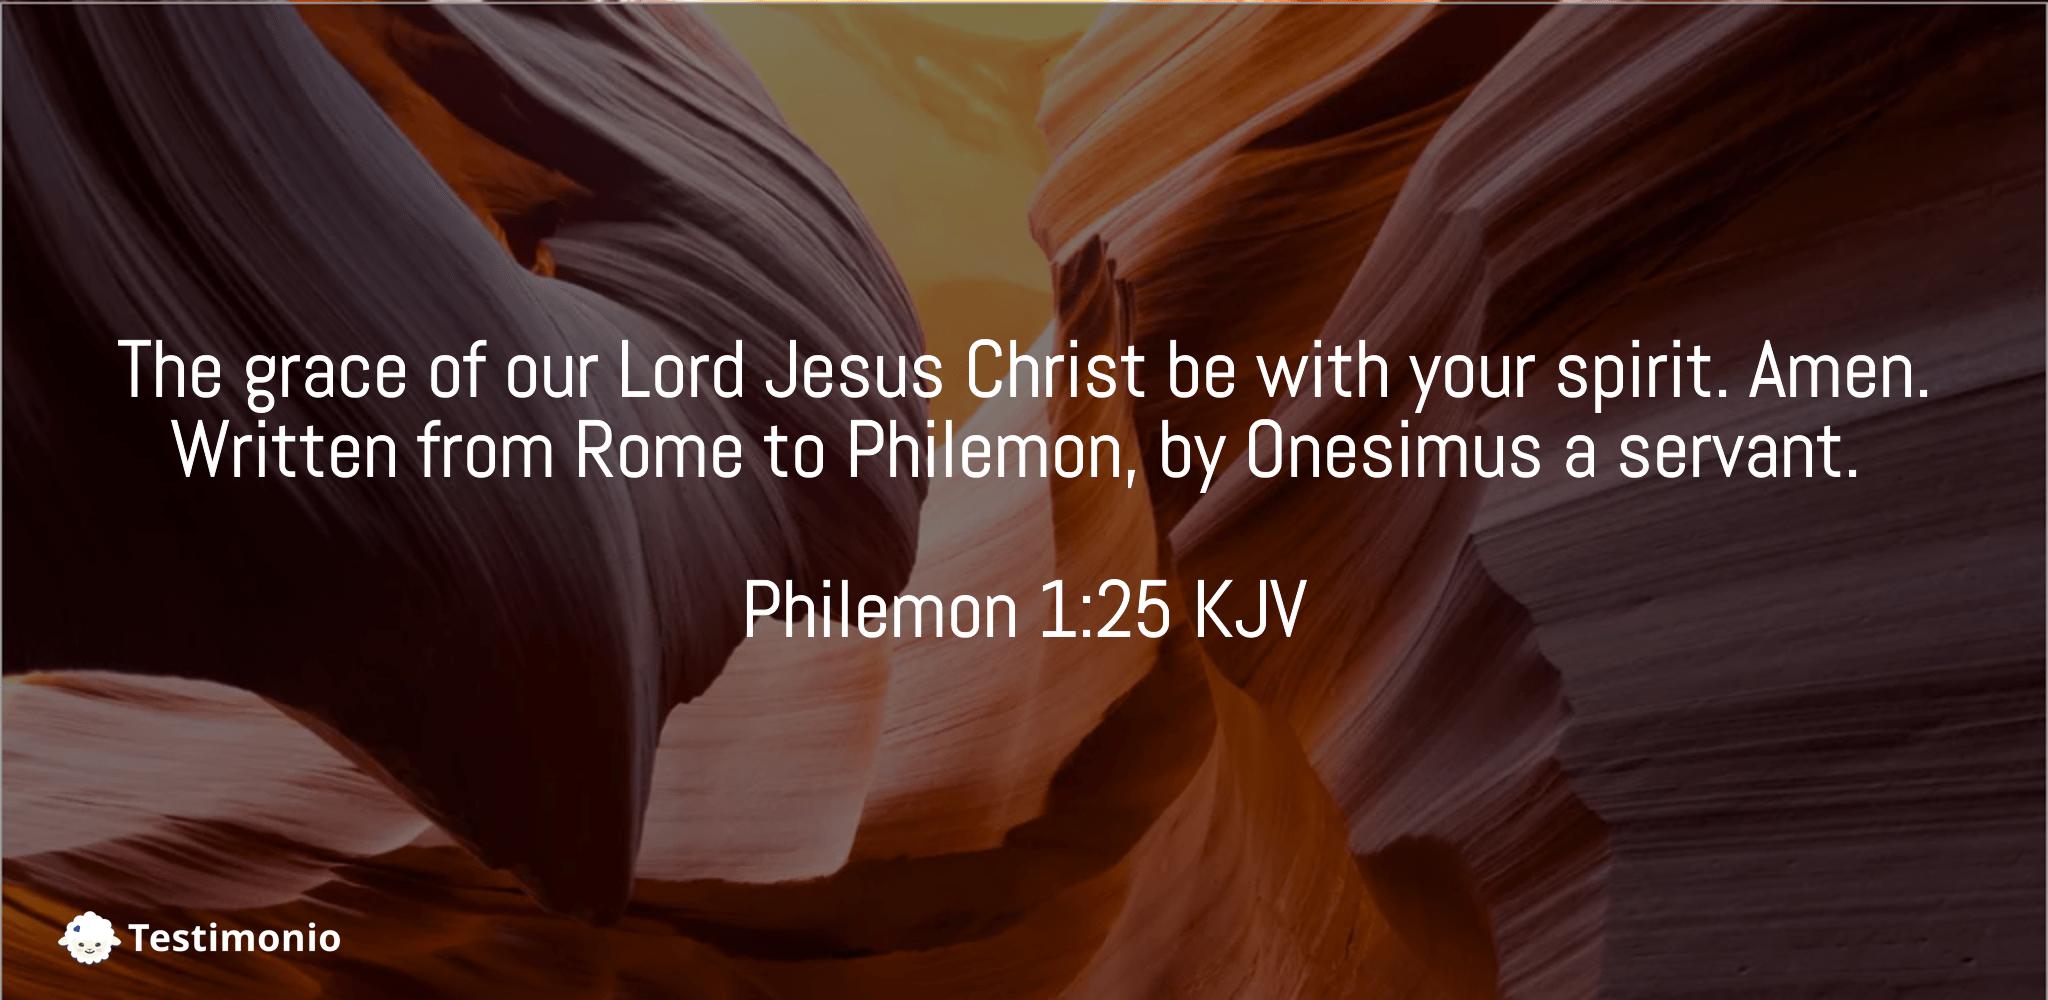 Philemon 1:25